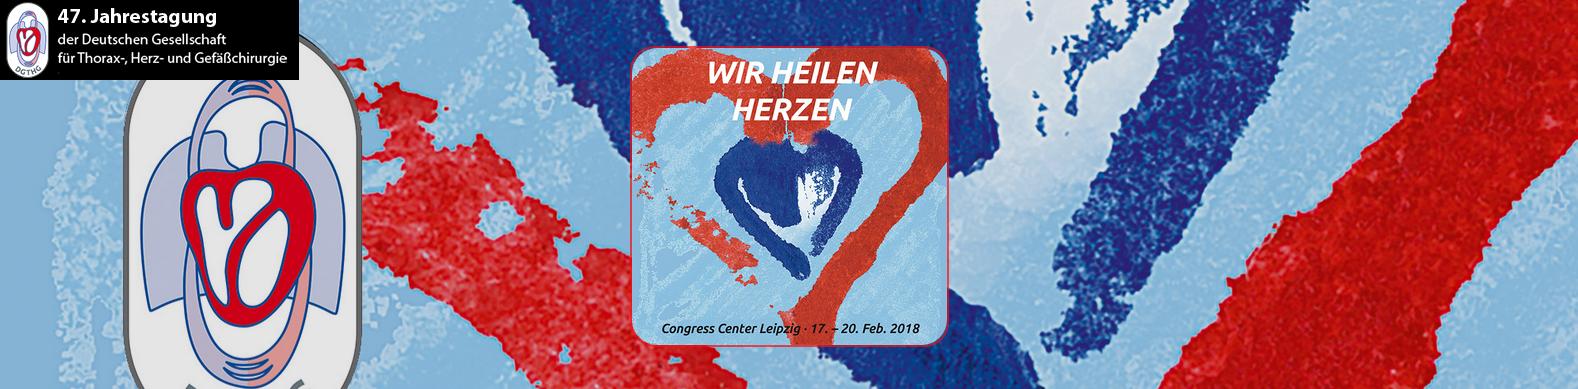 47. Jahrestagung der Deutschen Gesellschaft für Thorax-, Herz- und Gefäßchirurgie in Leipzig